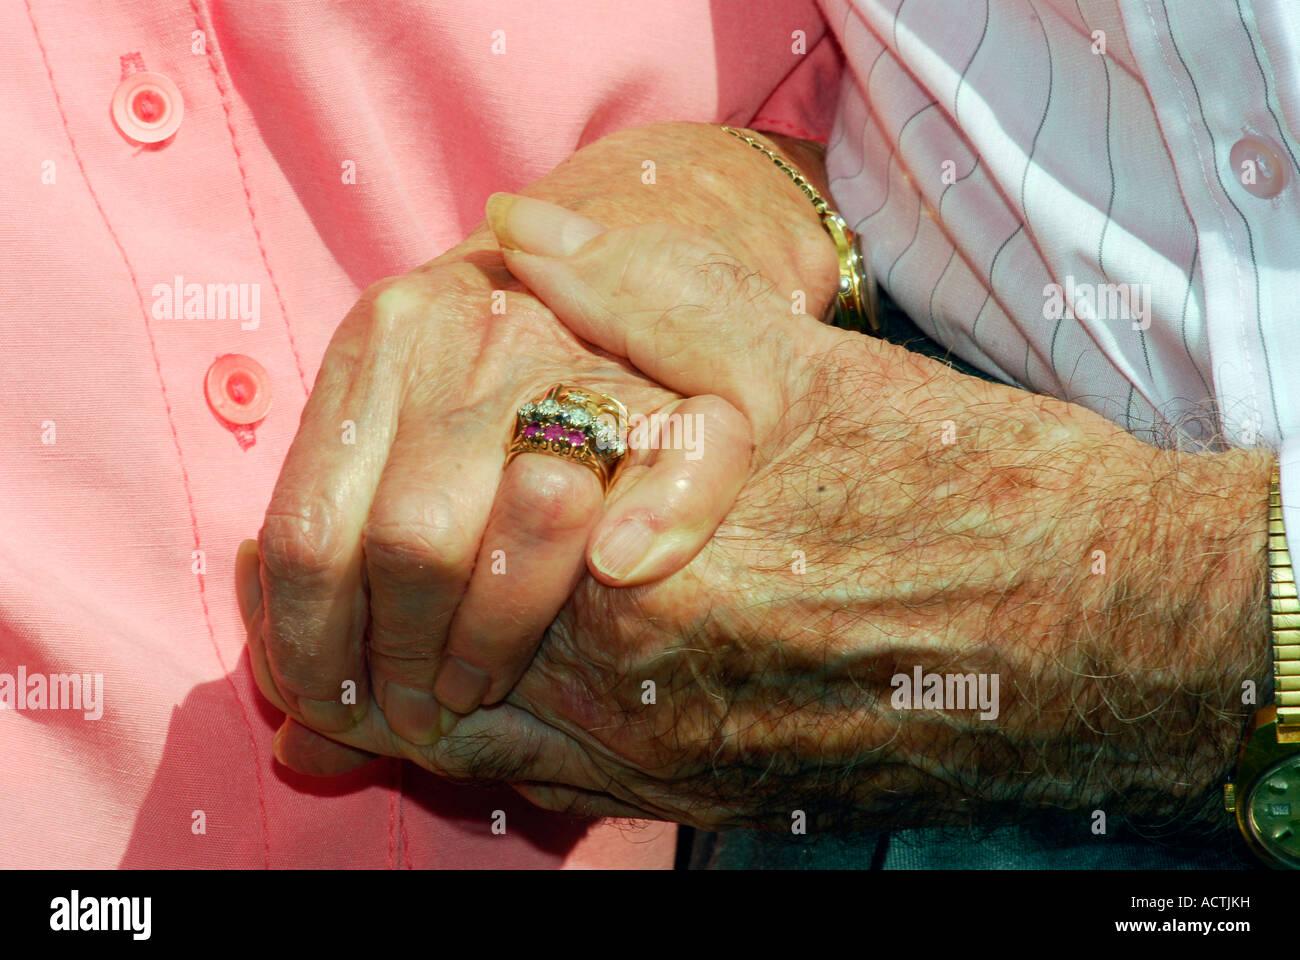 85 Jahre Alten Mann Mit Seiner 87 Jahre Alten Frau Anlasslich Ihrer